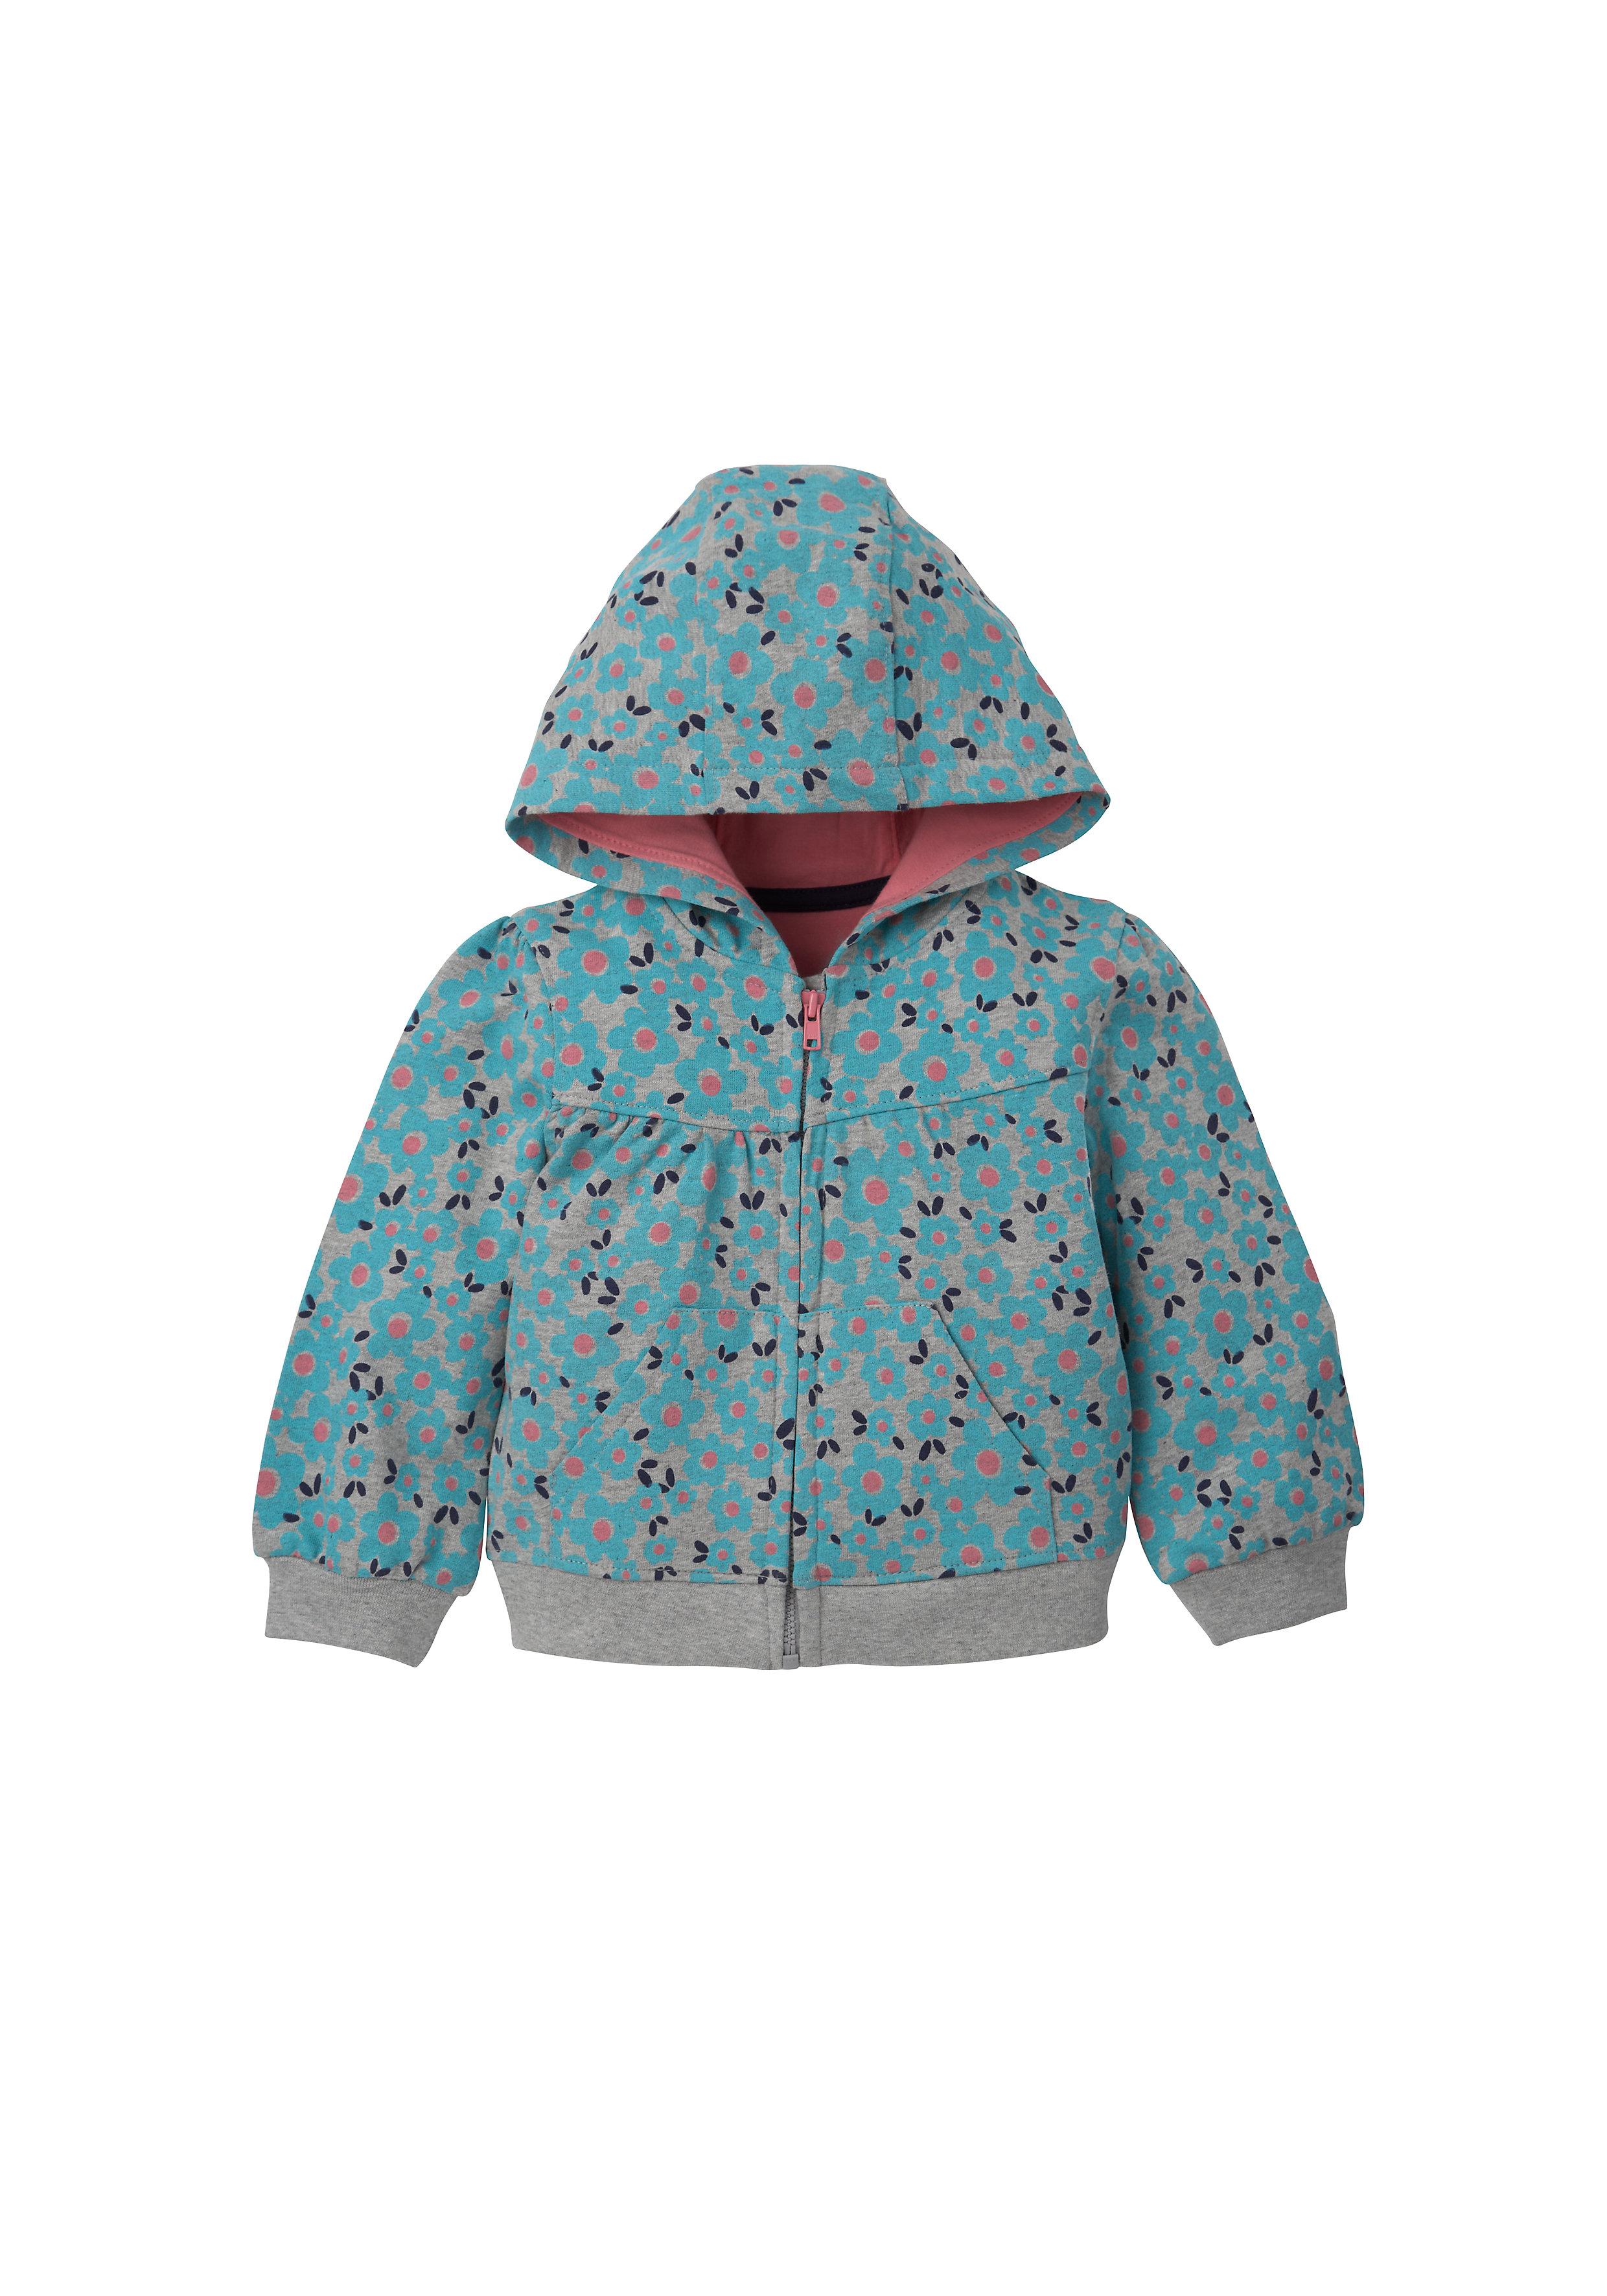 Mothercare | Girls Full Sleeves Hooded Sweatshirt Floral Print - Grey